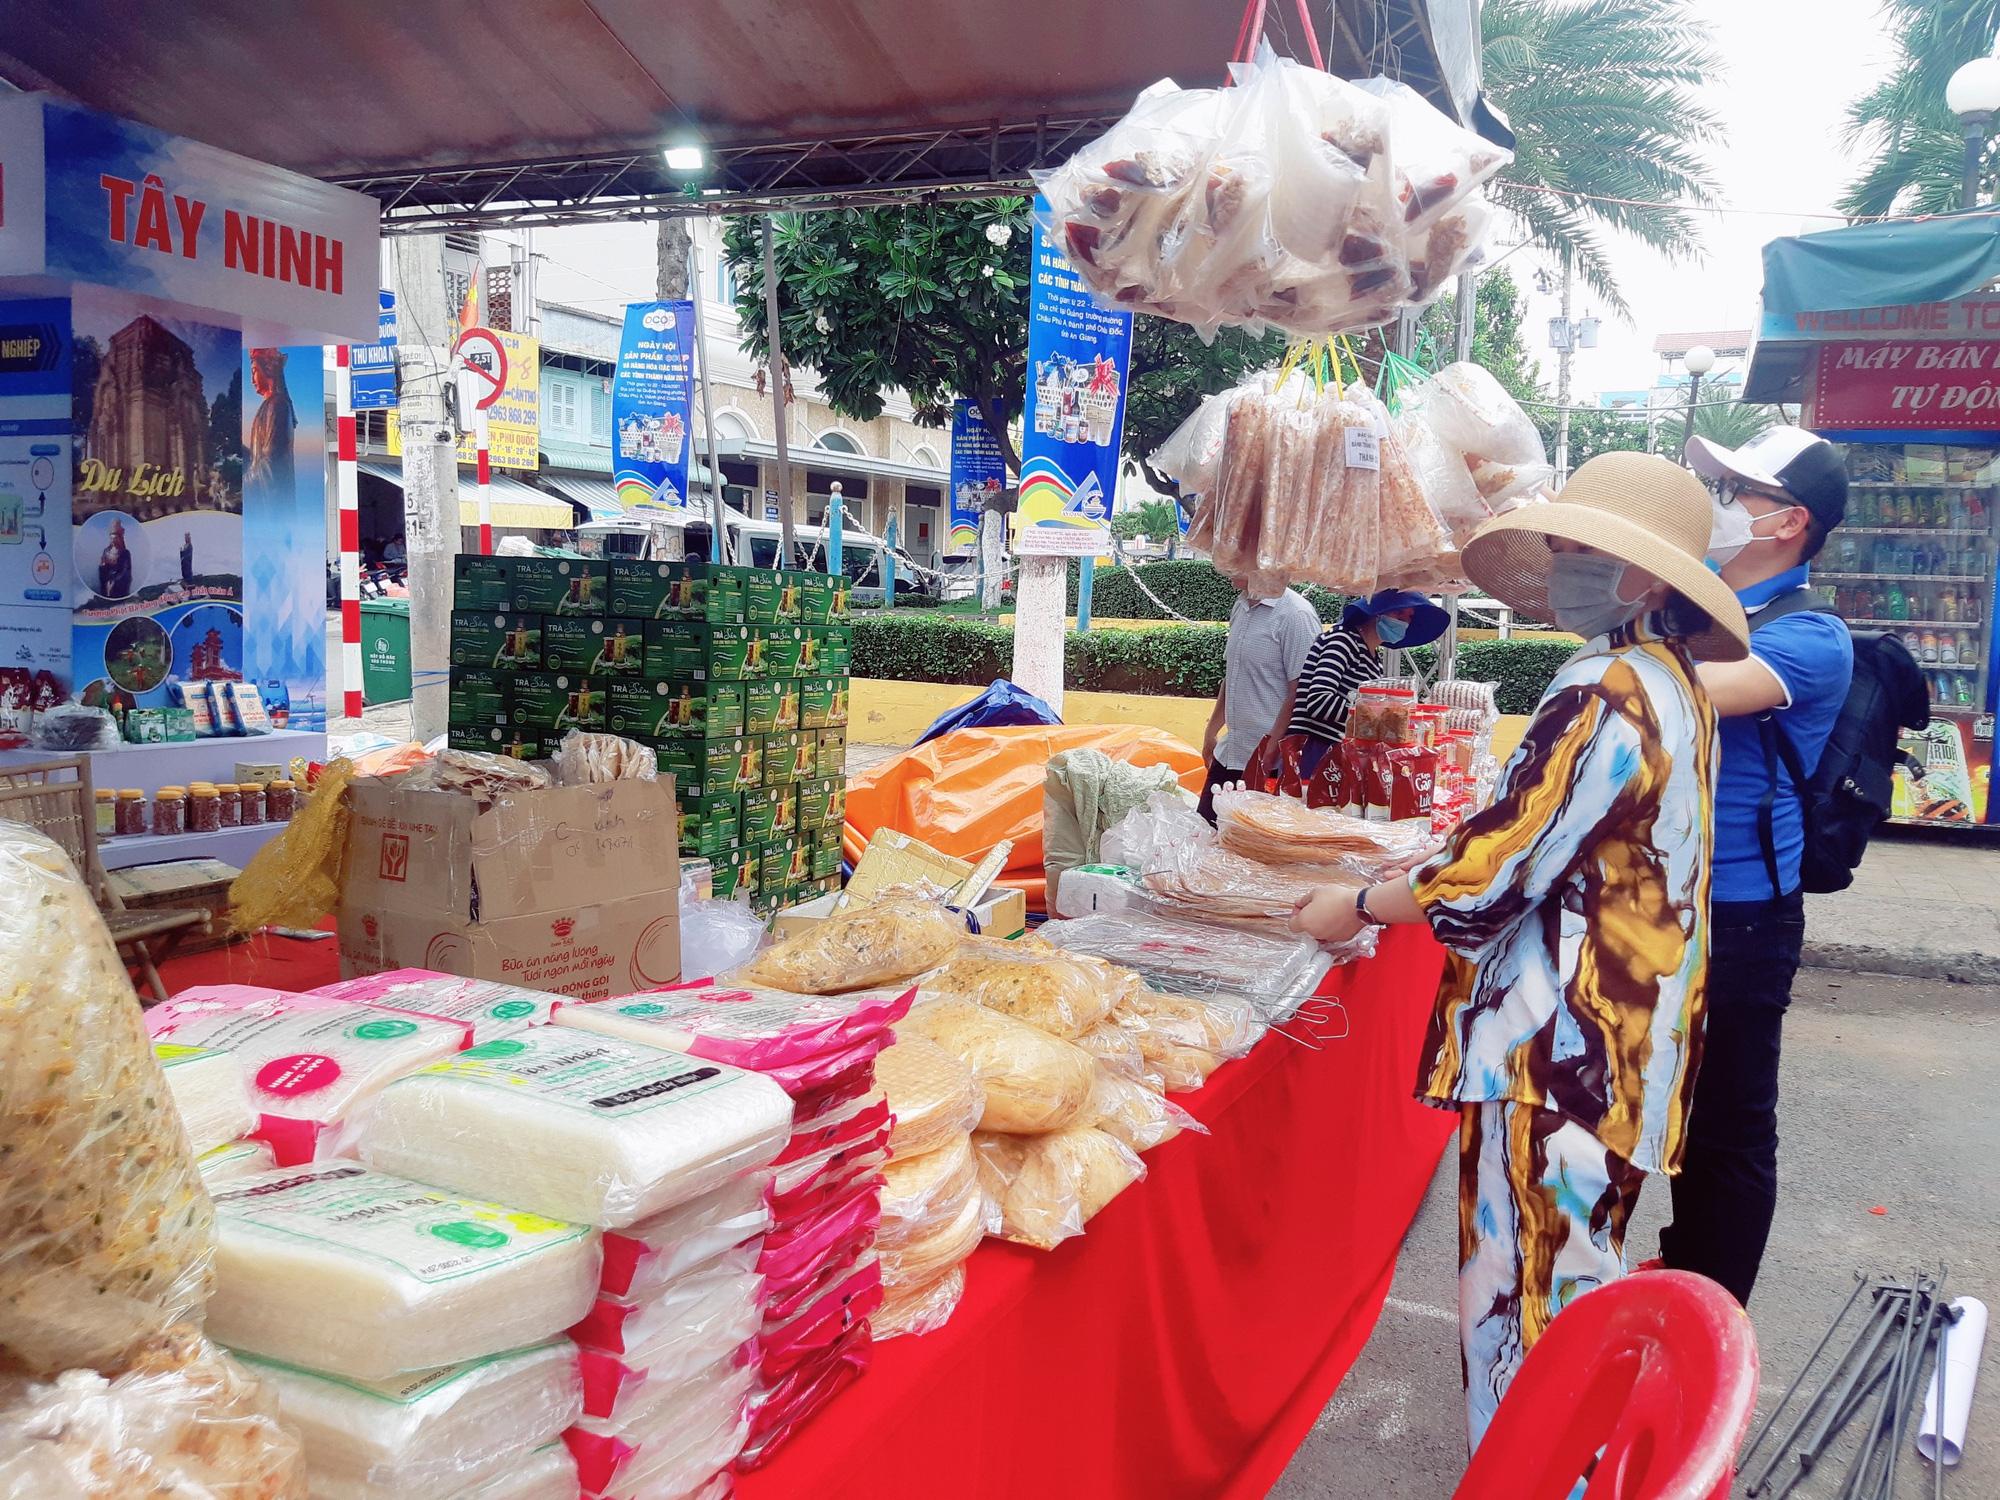 Sản phẩm OCOP 24 tỉnh, thành hội tụ tại Châu Đốc An Giang - Ảnh 19.